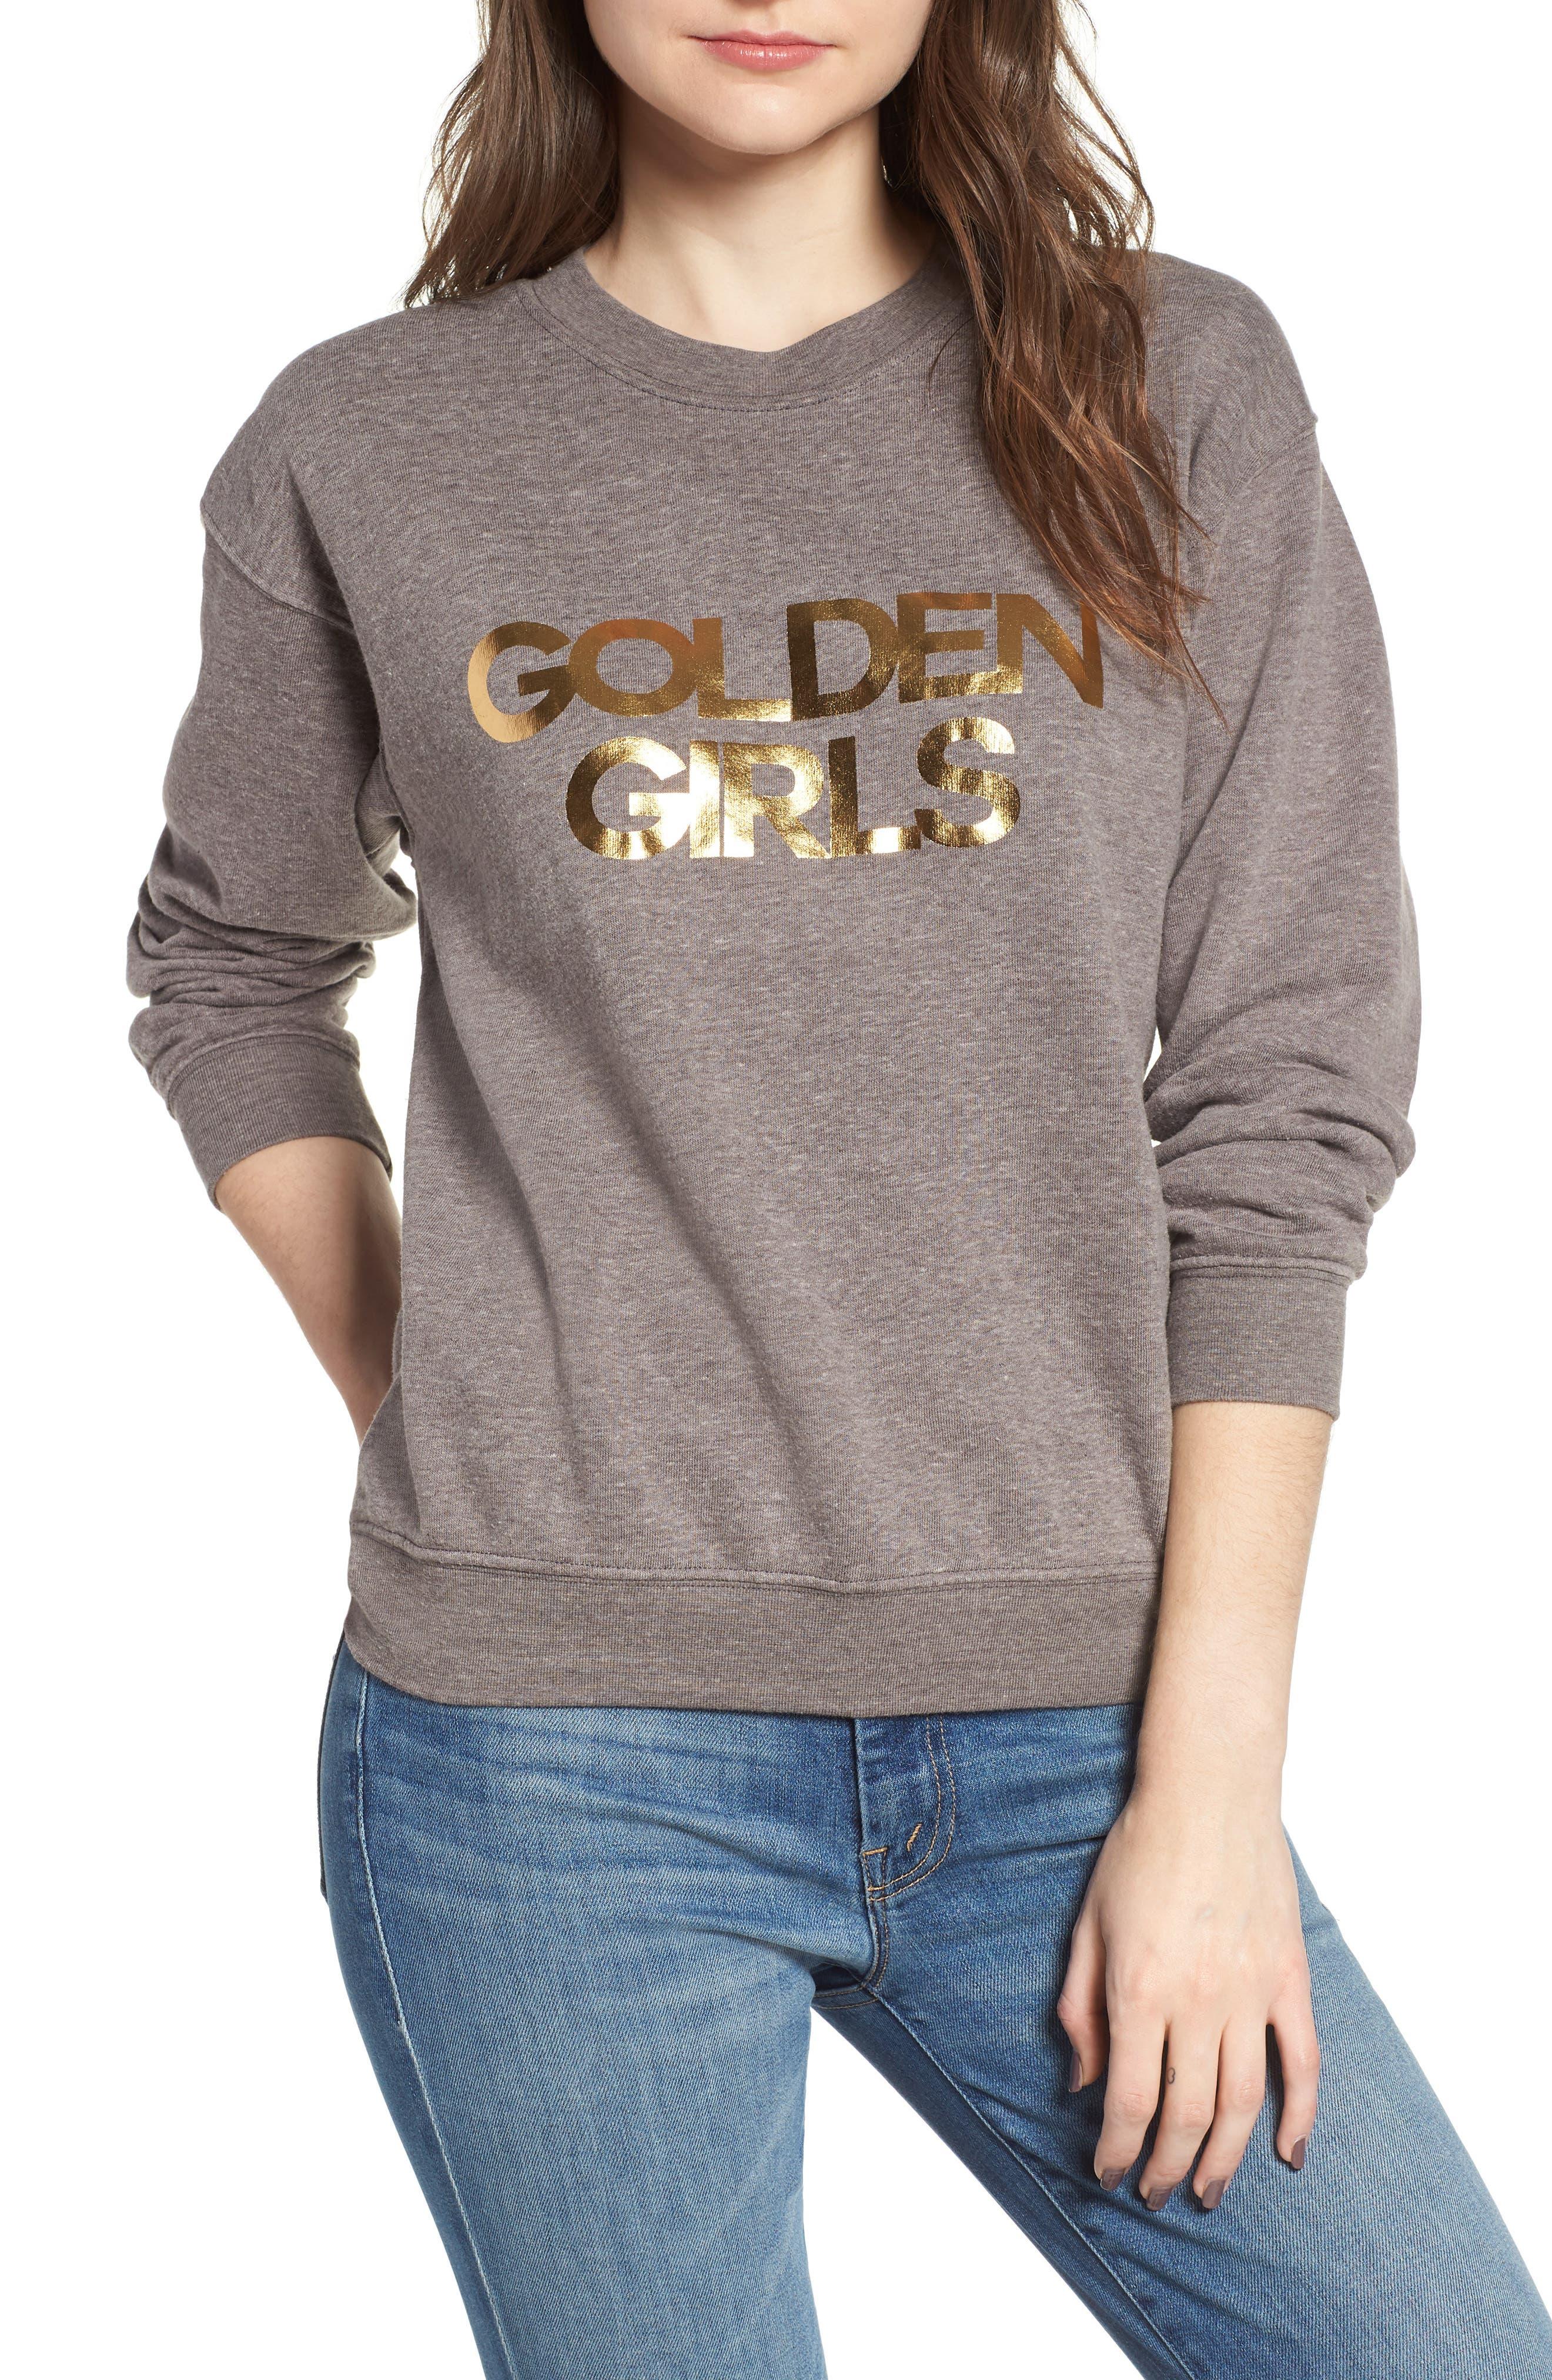 Golden Girls Willow Sweatshirt,                         Main,                         color, Heather Grey